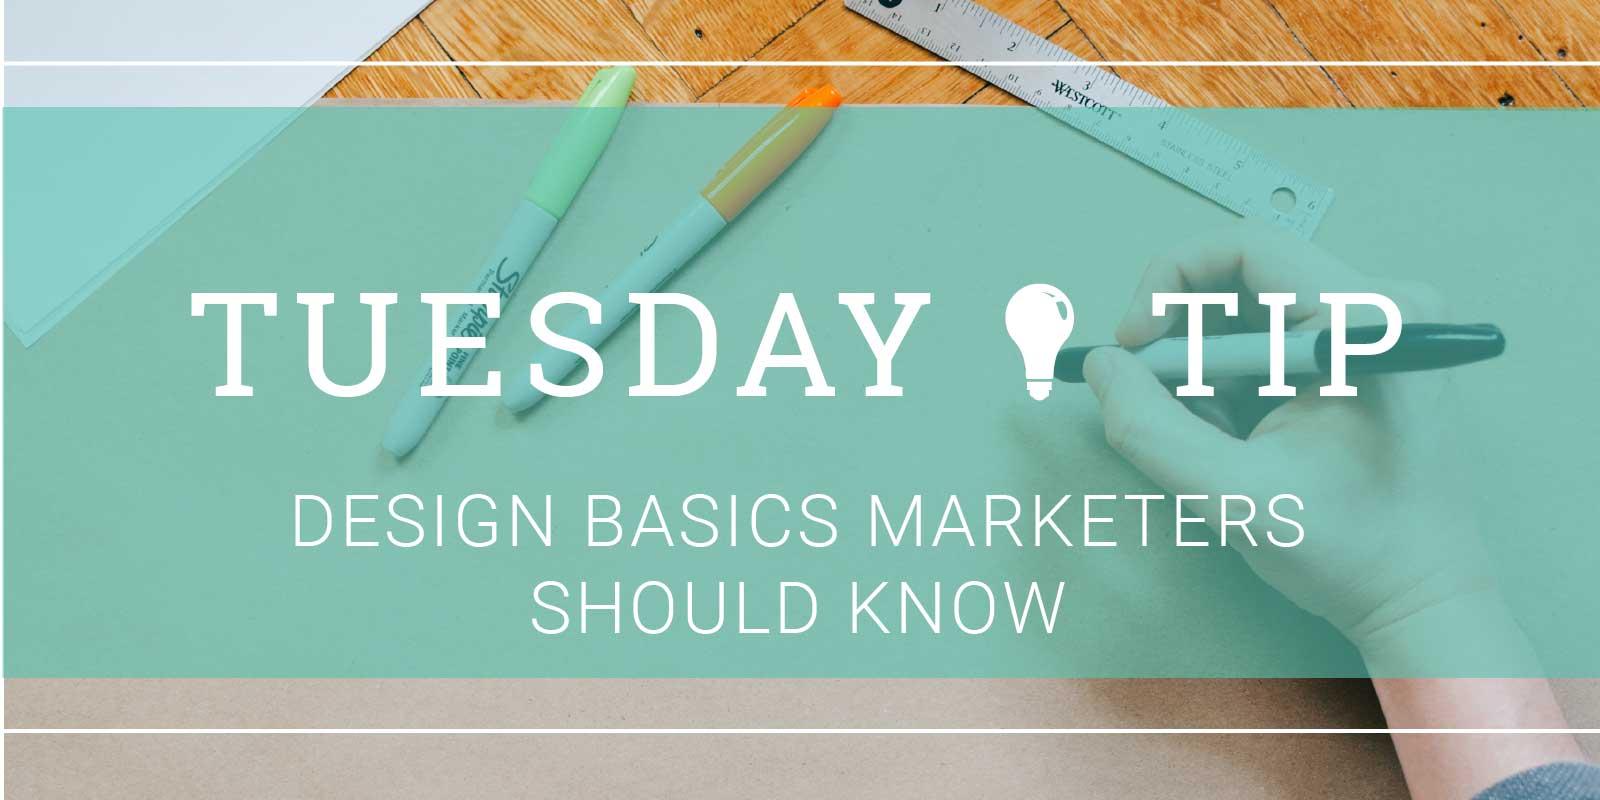 Design-basics-for-marketers.jpg